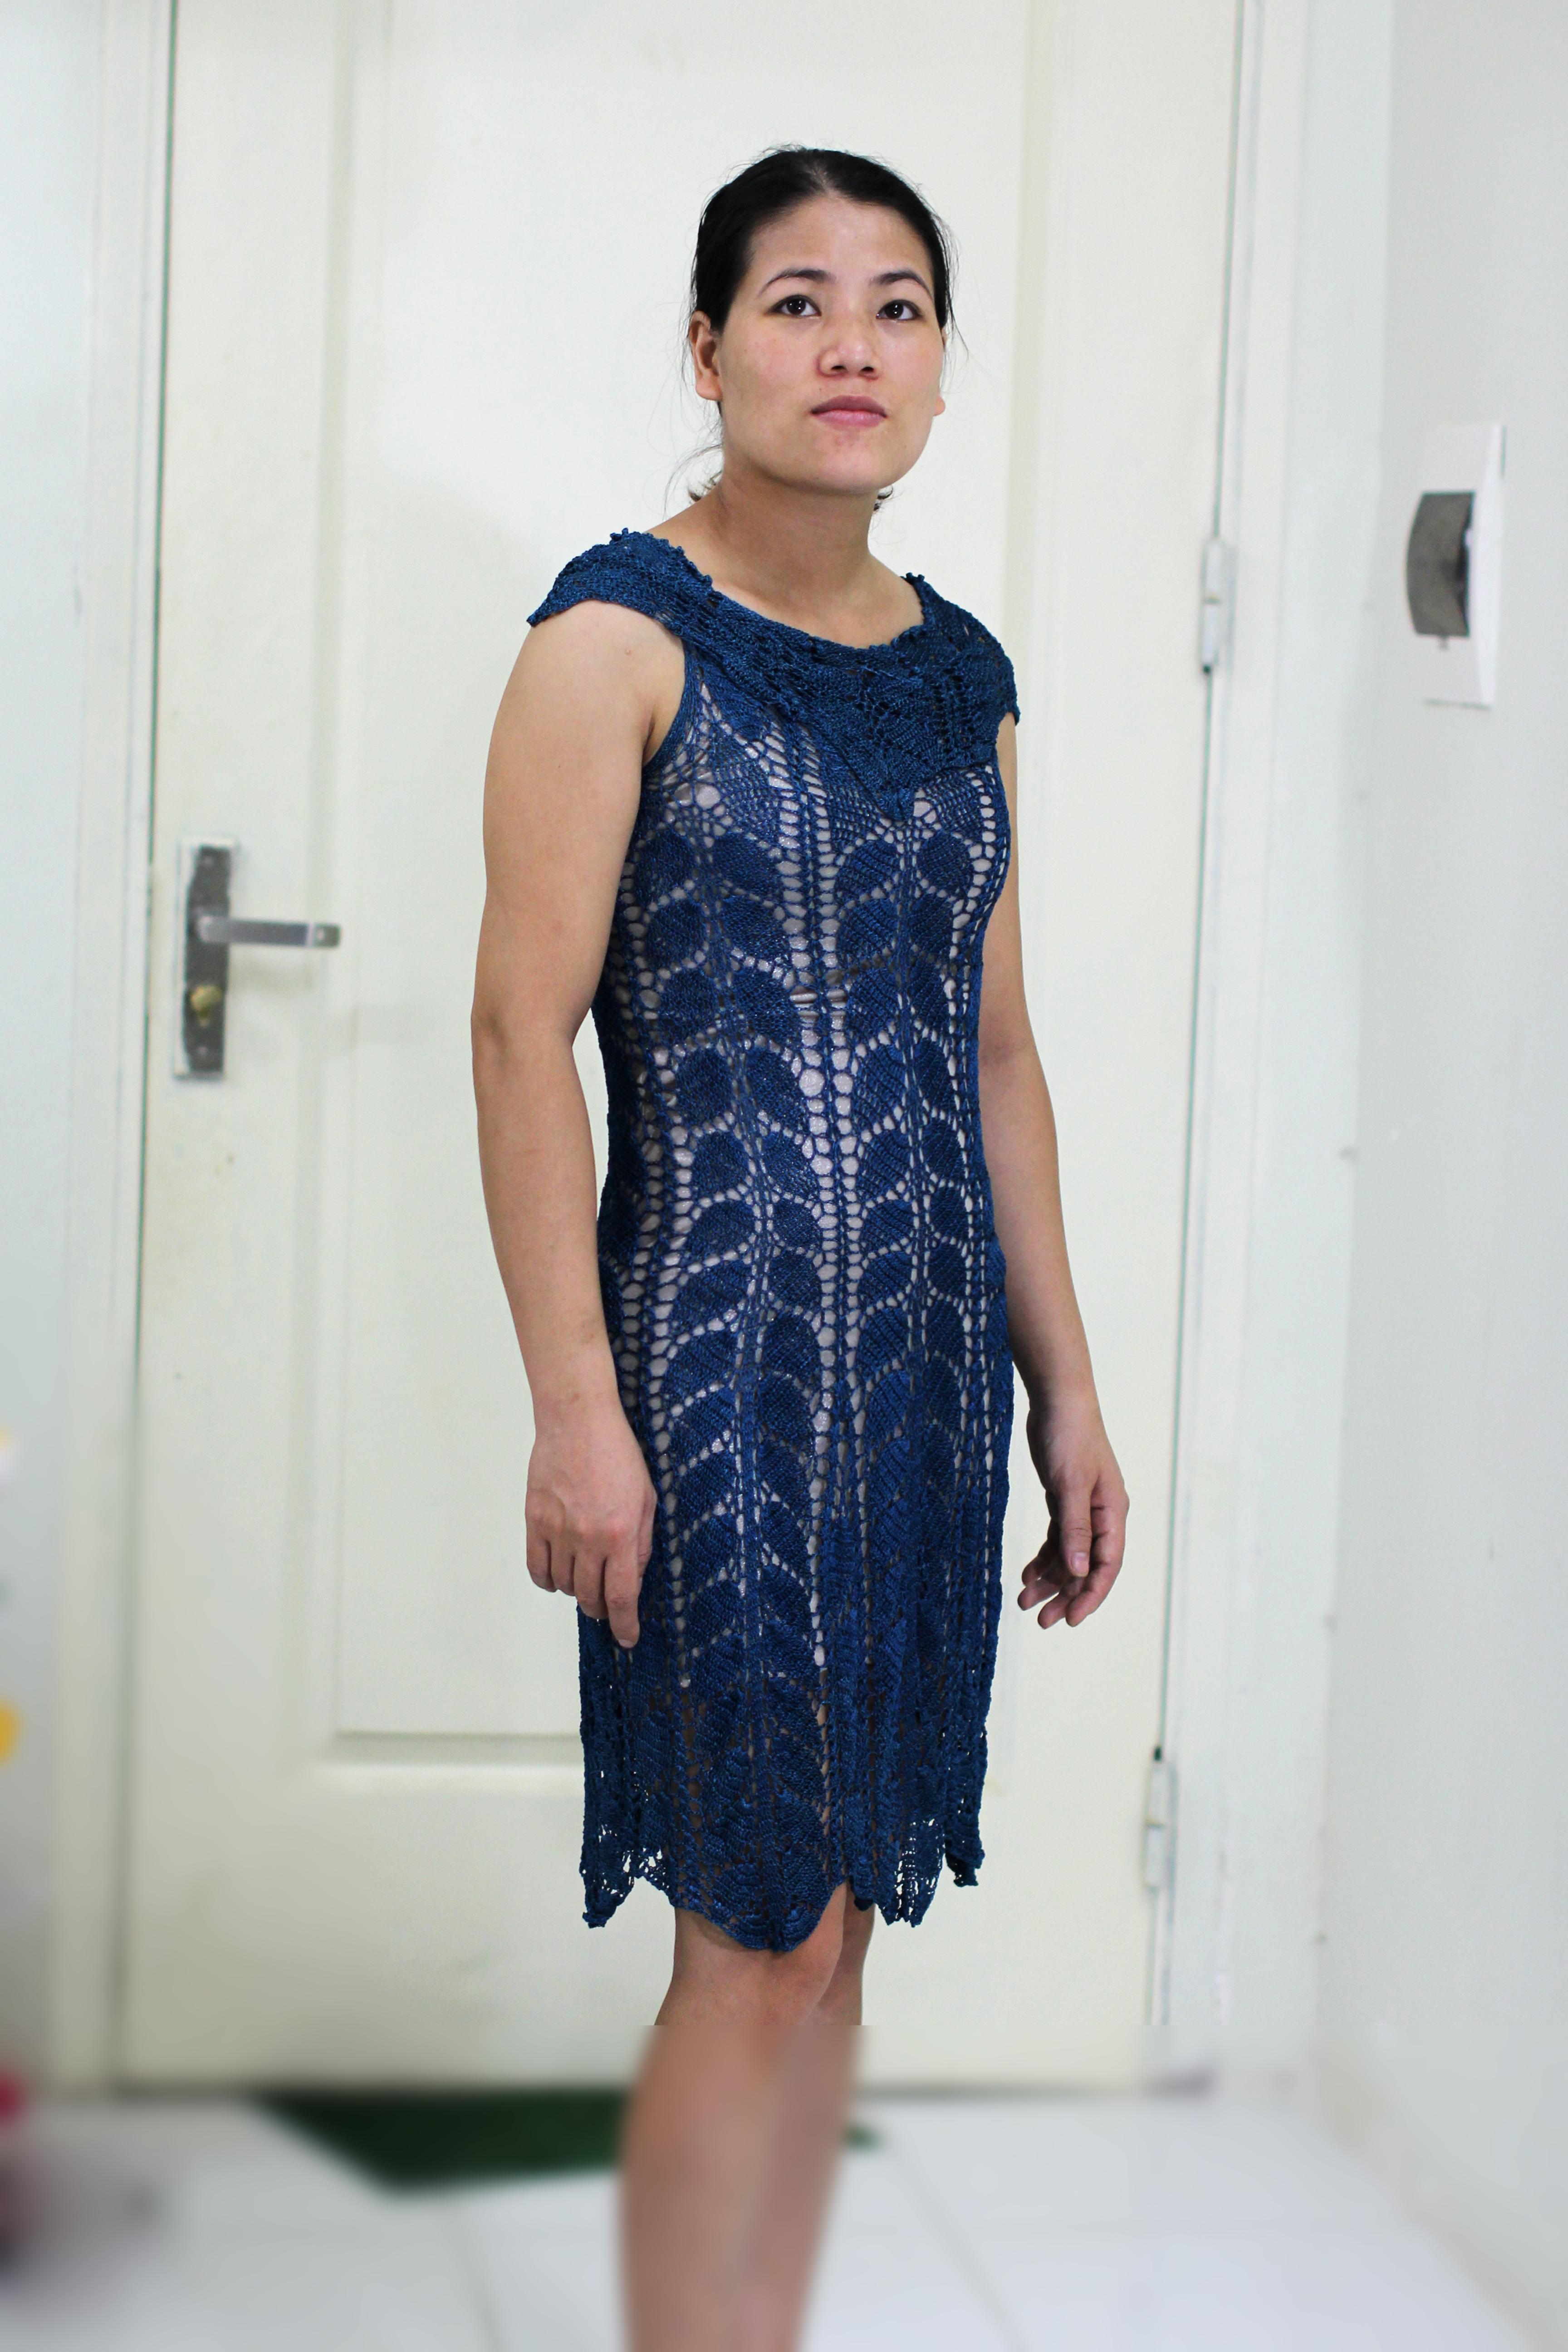 Crochet Summer Dress For Beach Craft Ideas